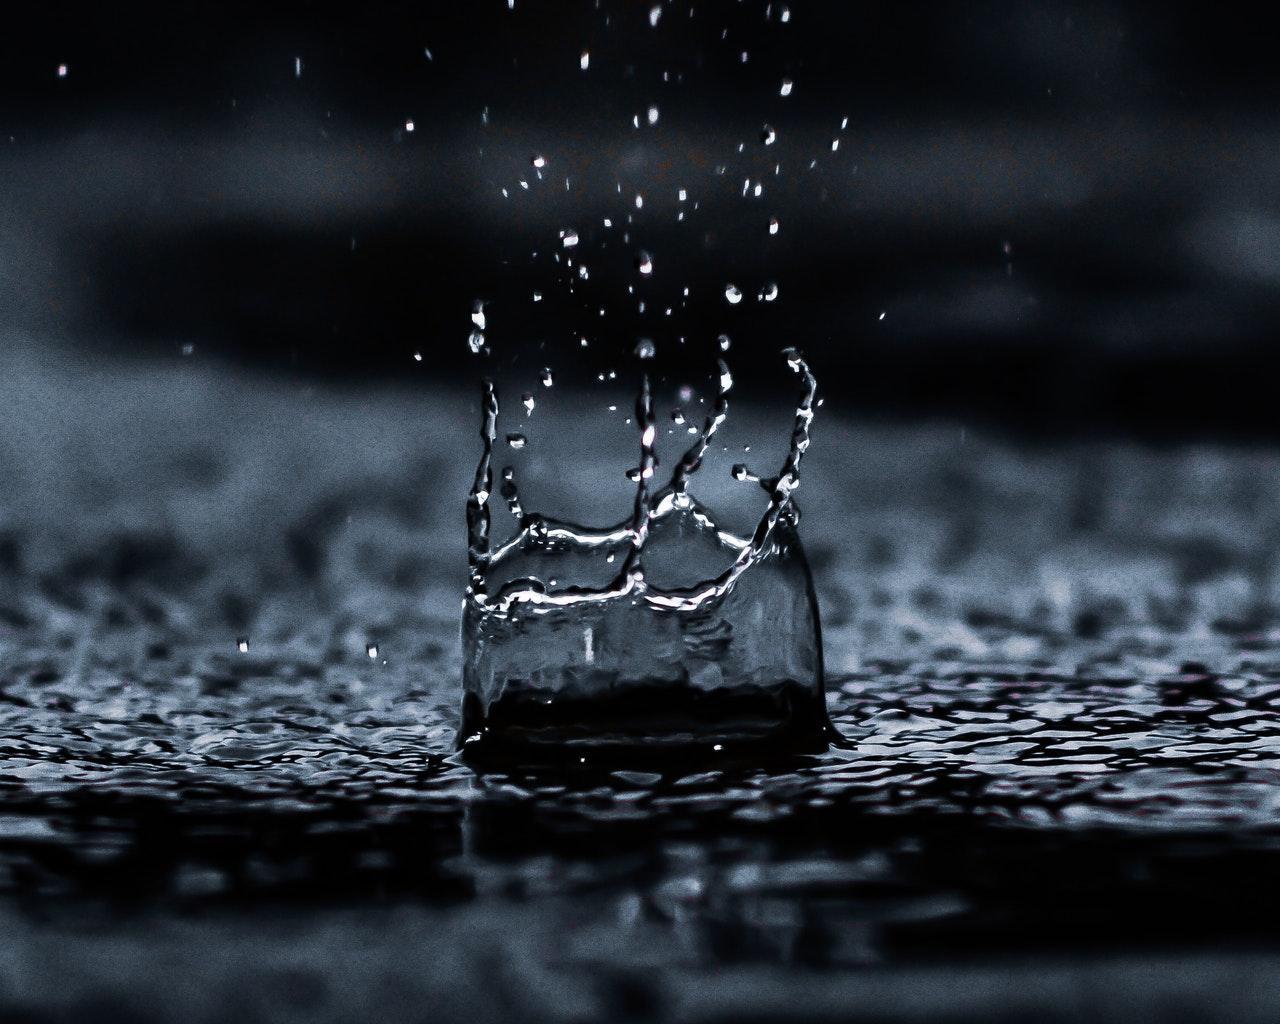 rainwater acidity